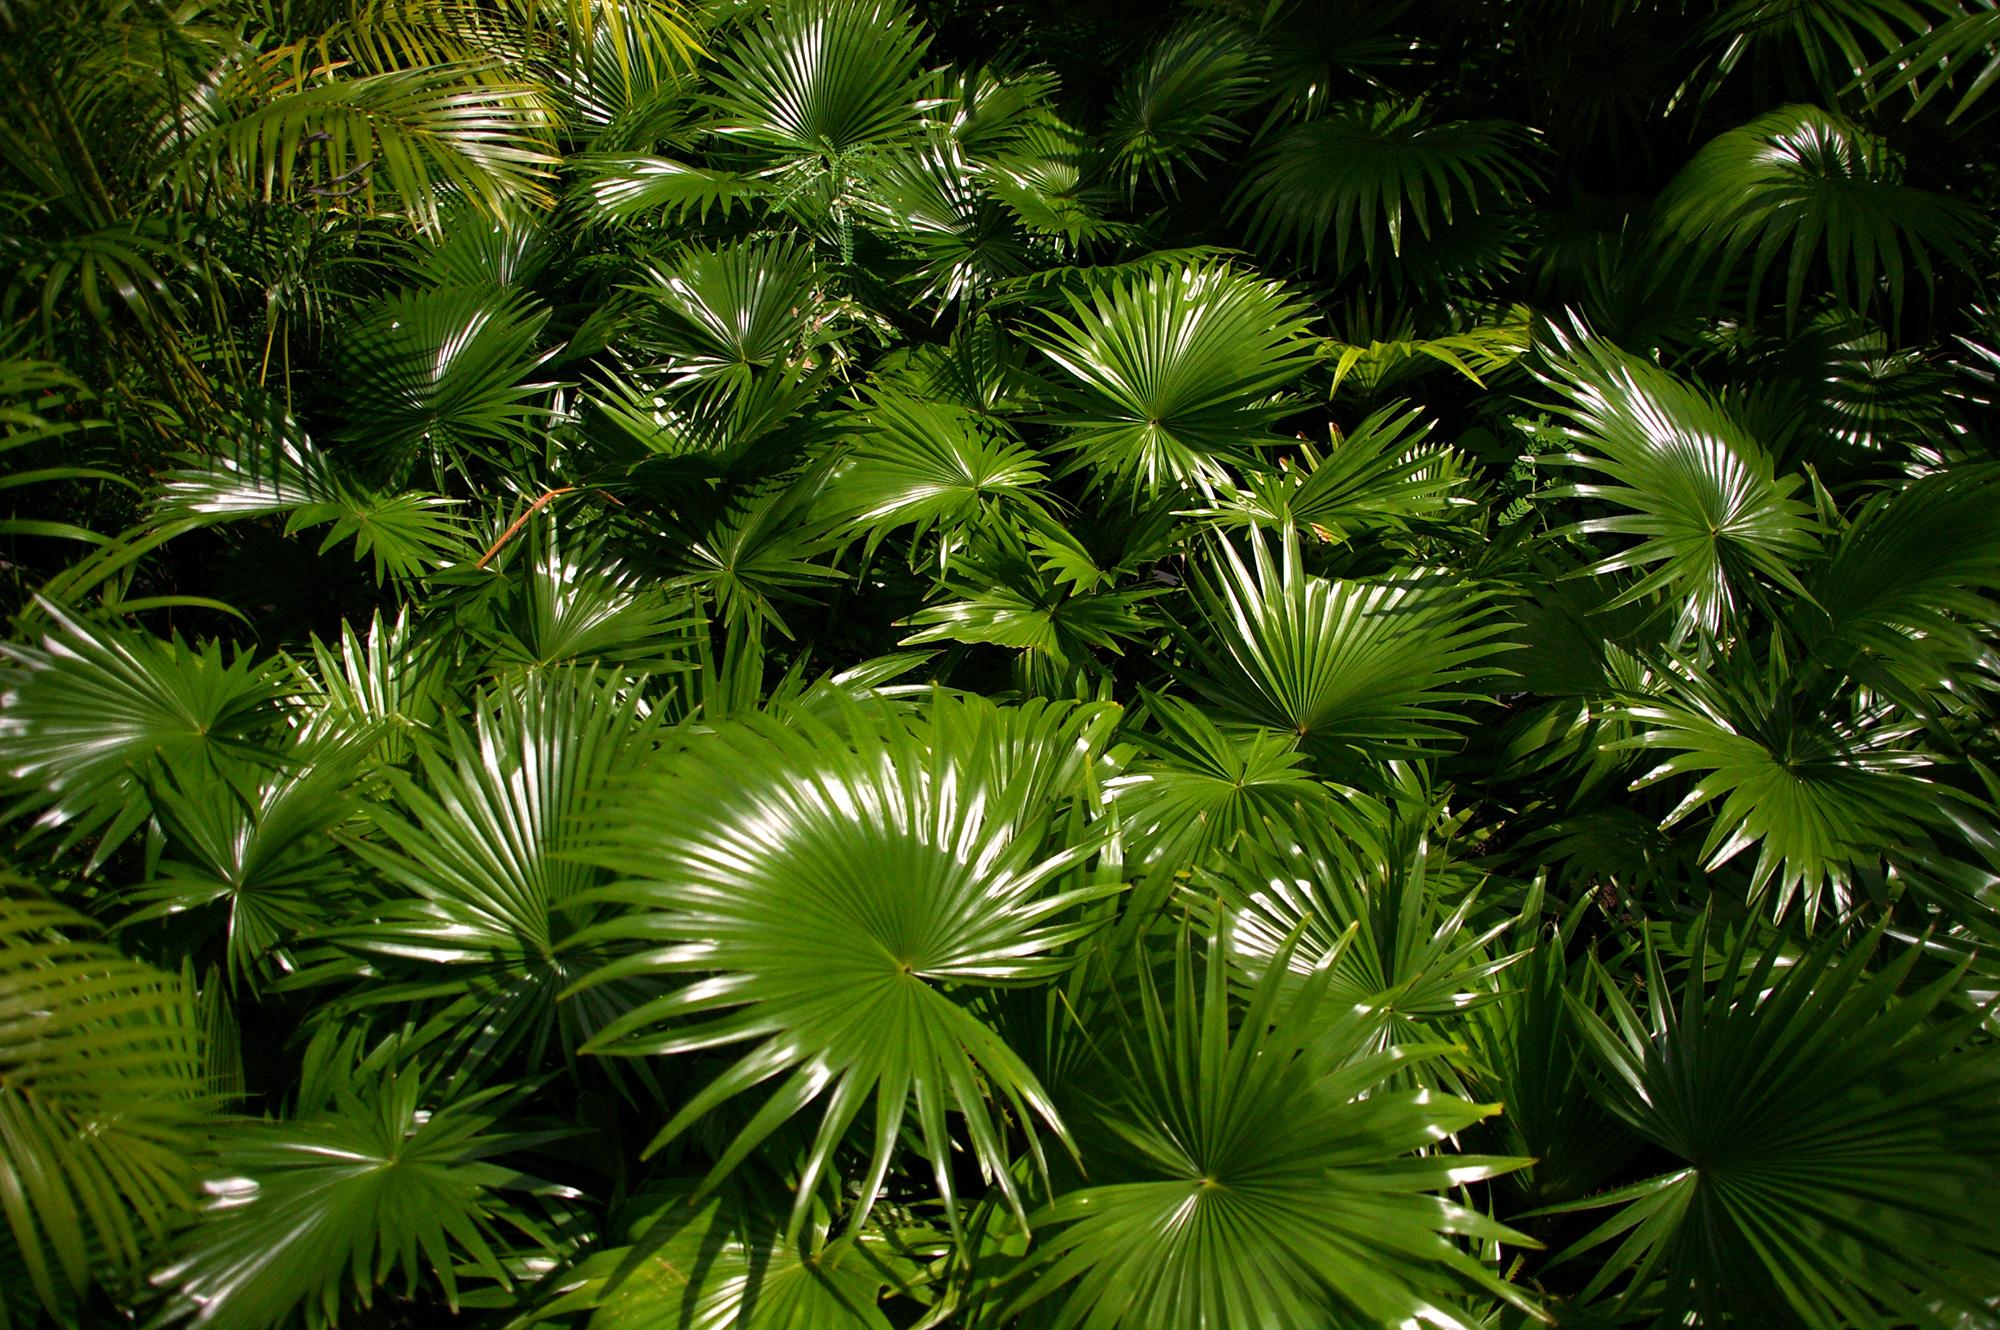 扇型の葉っぱの写真のフリー素材